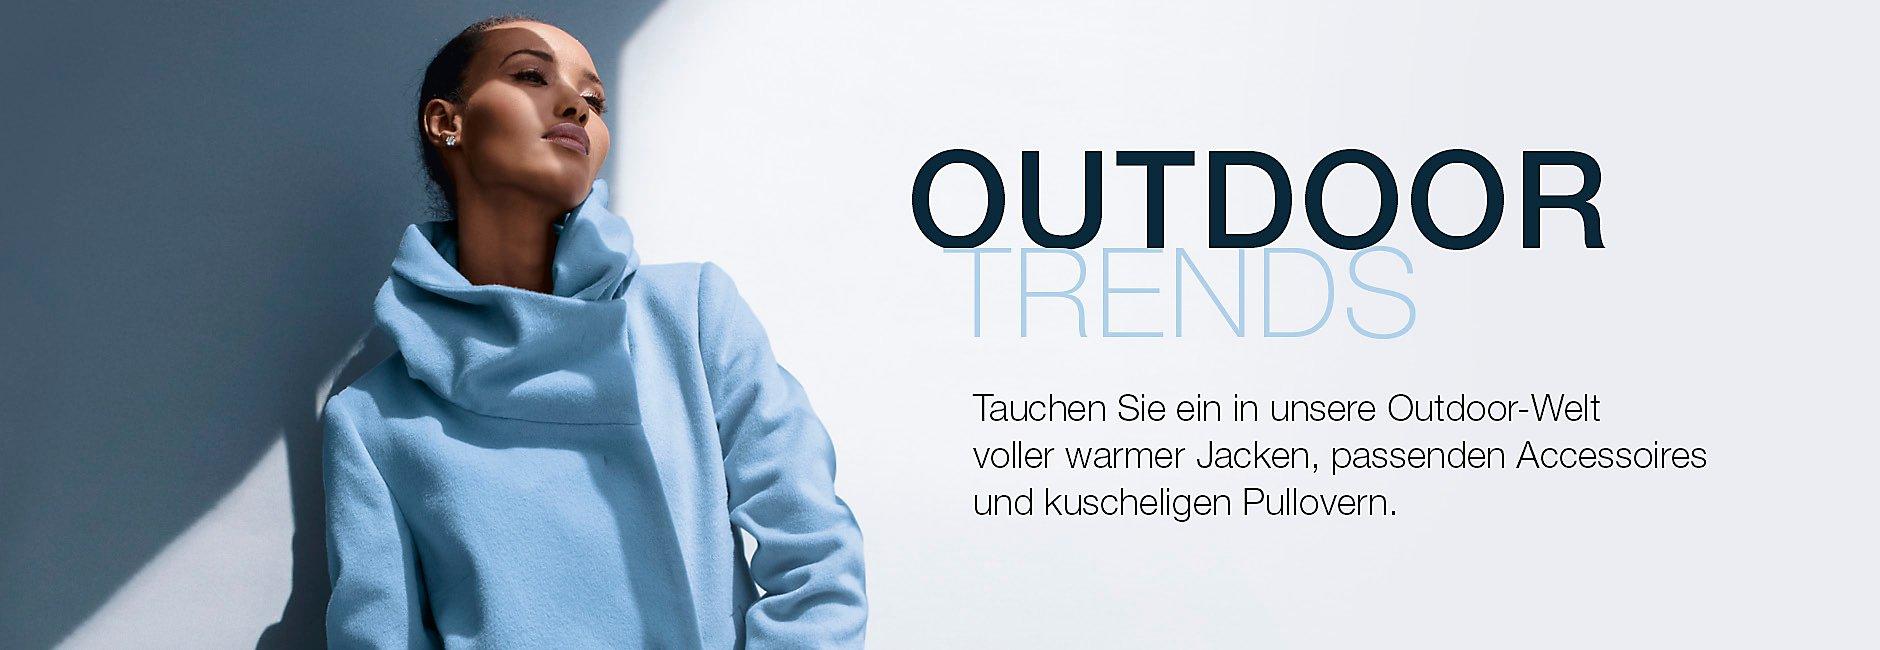 Outdoor Trends